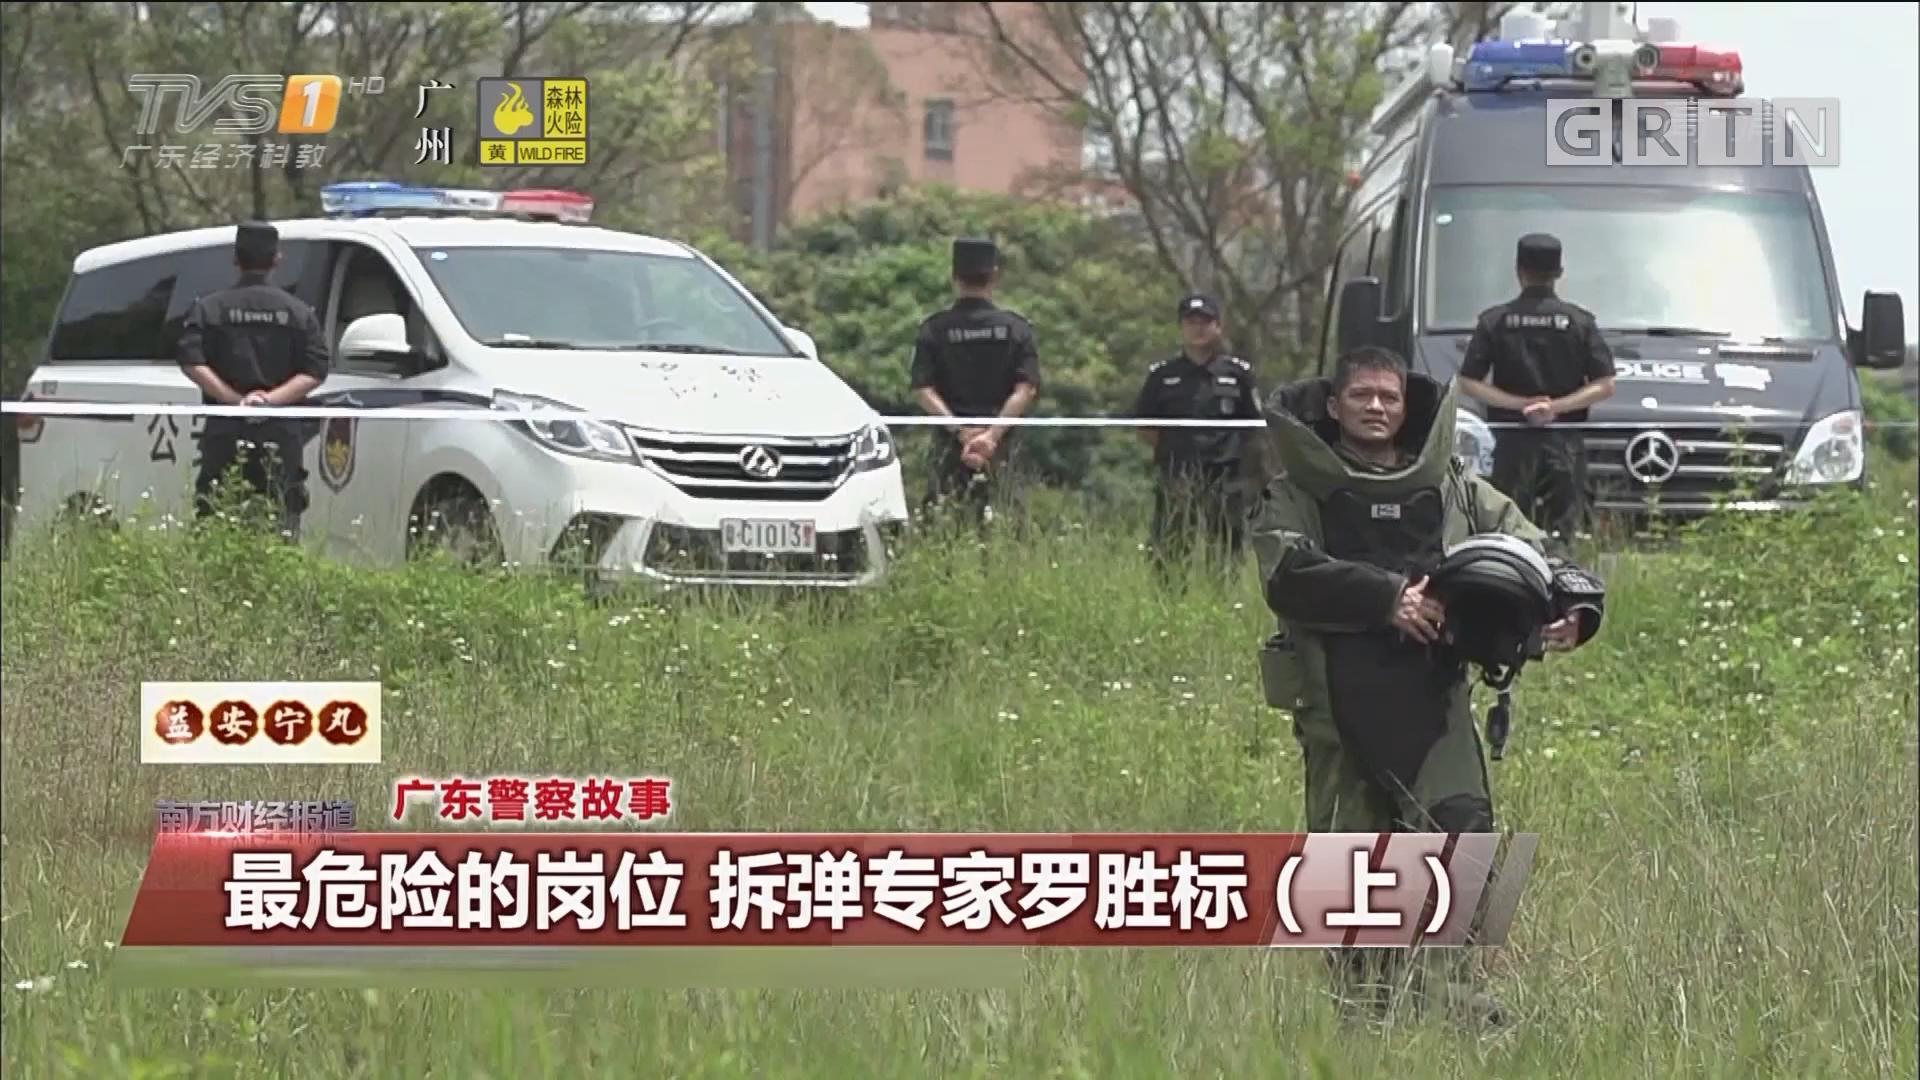 广东警察故事:最危险的岗位 拆弹专家罗胜标(上)